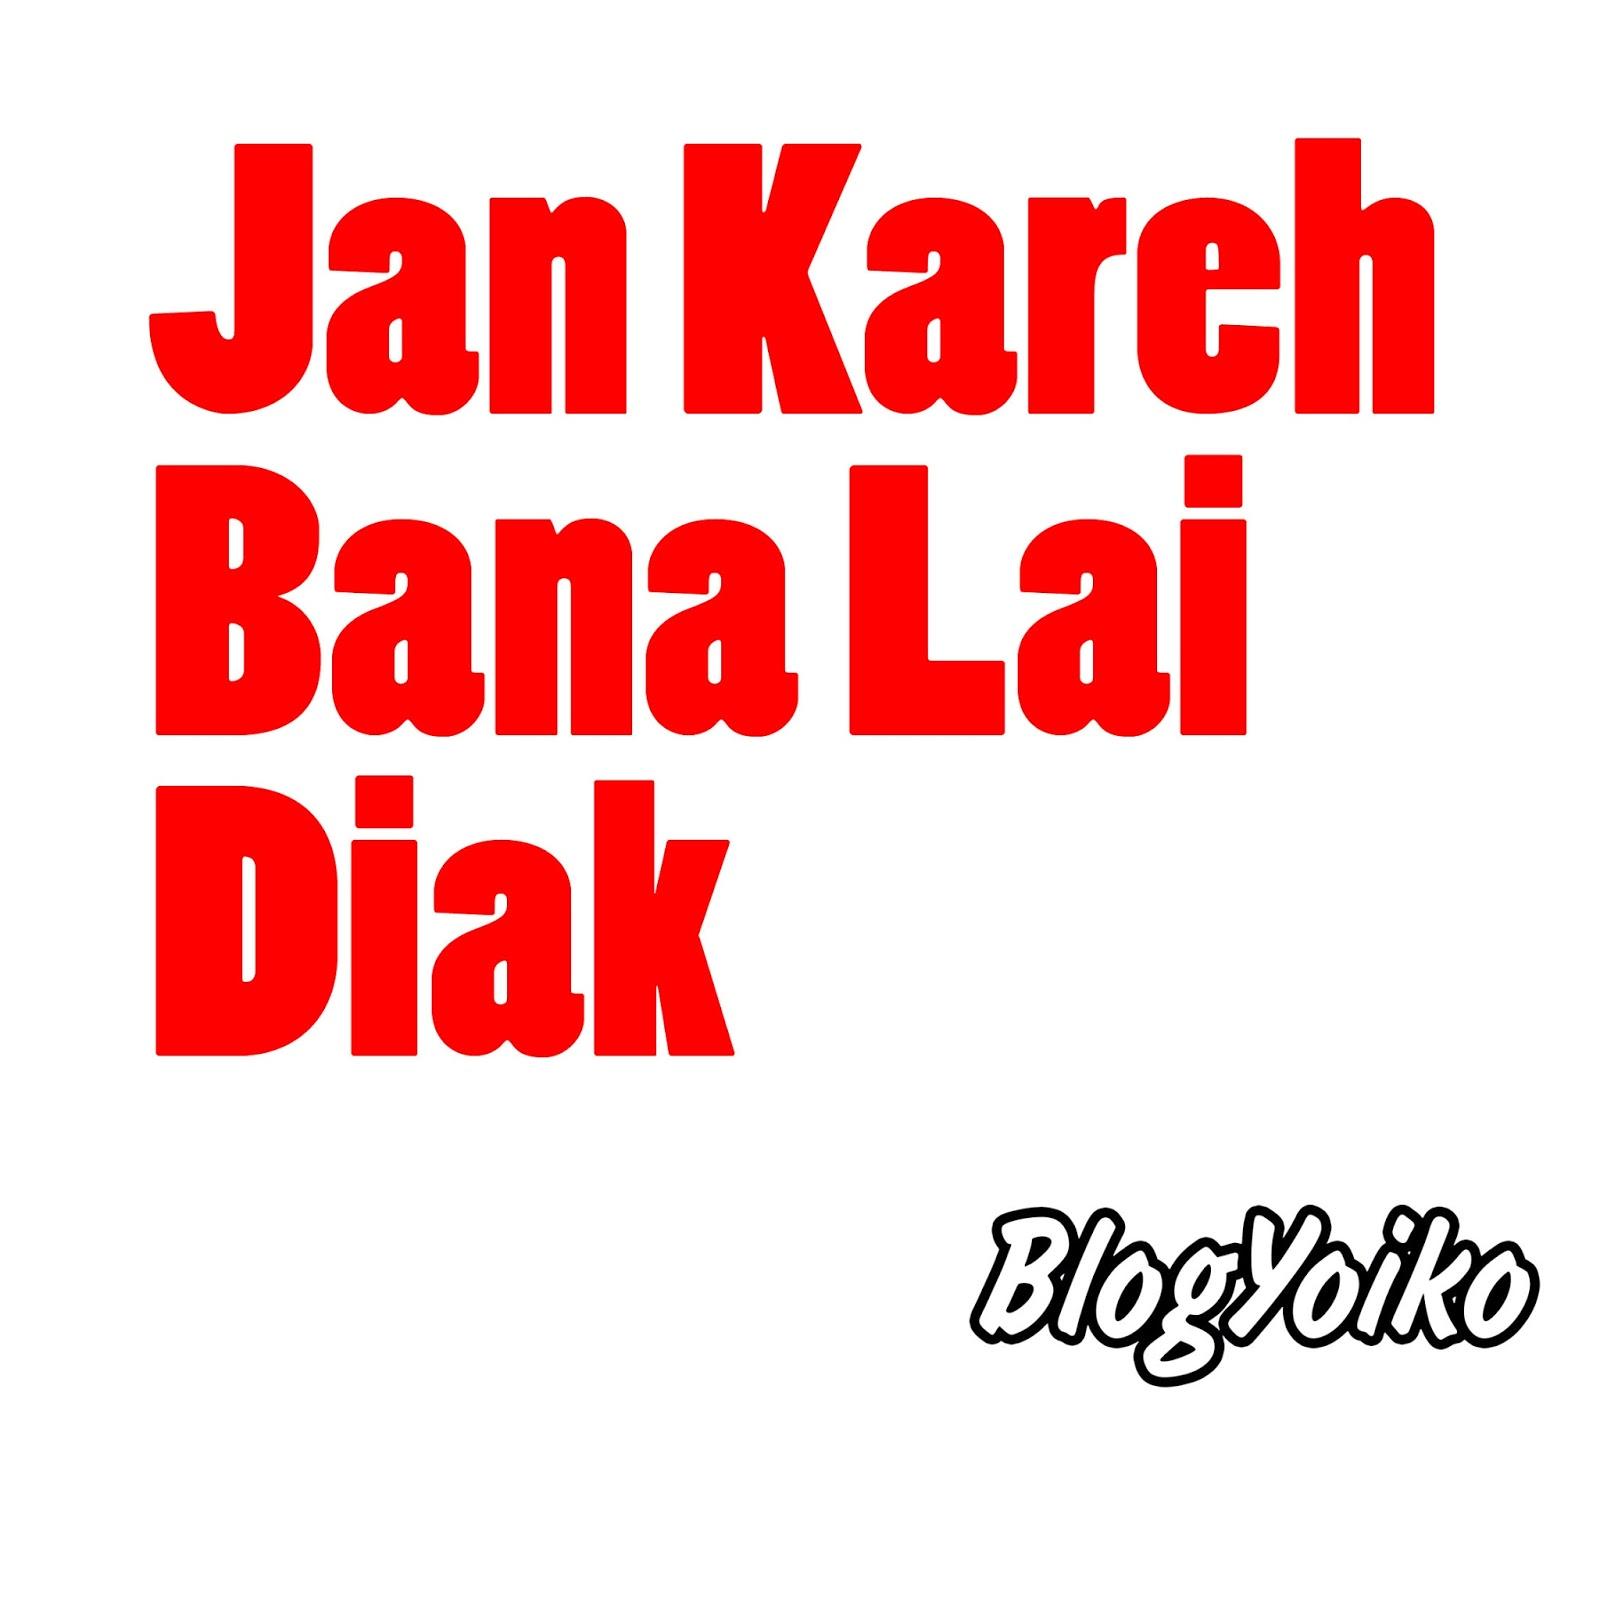 Gambar DP BBM Lucu Bahasa Minang Blogyoikocom